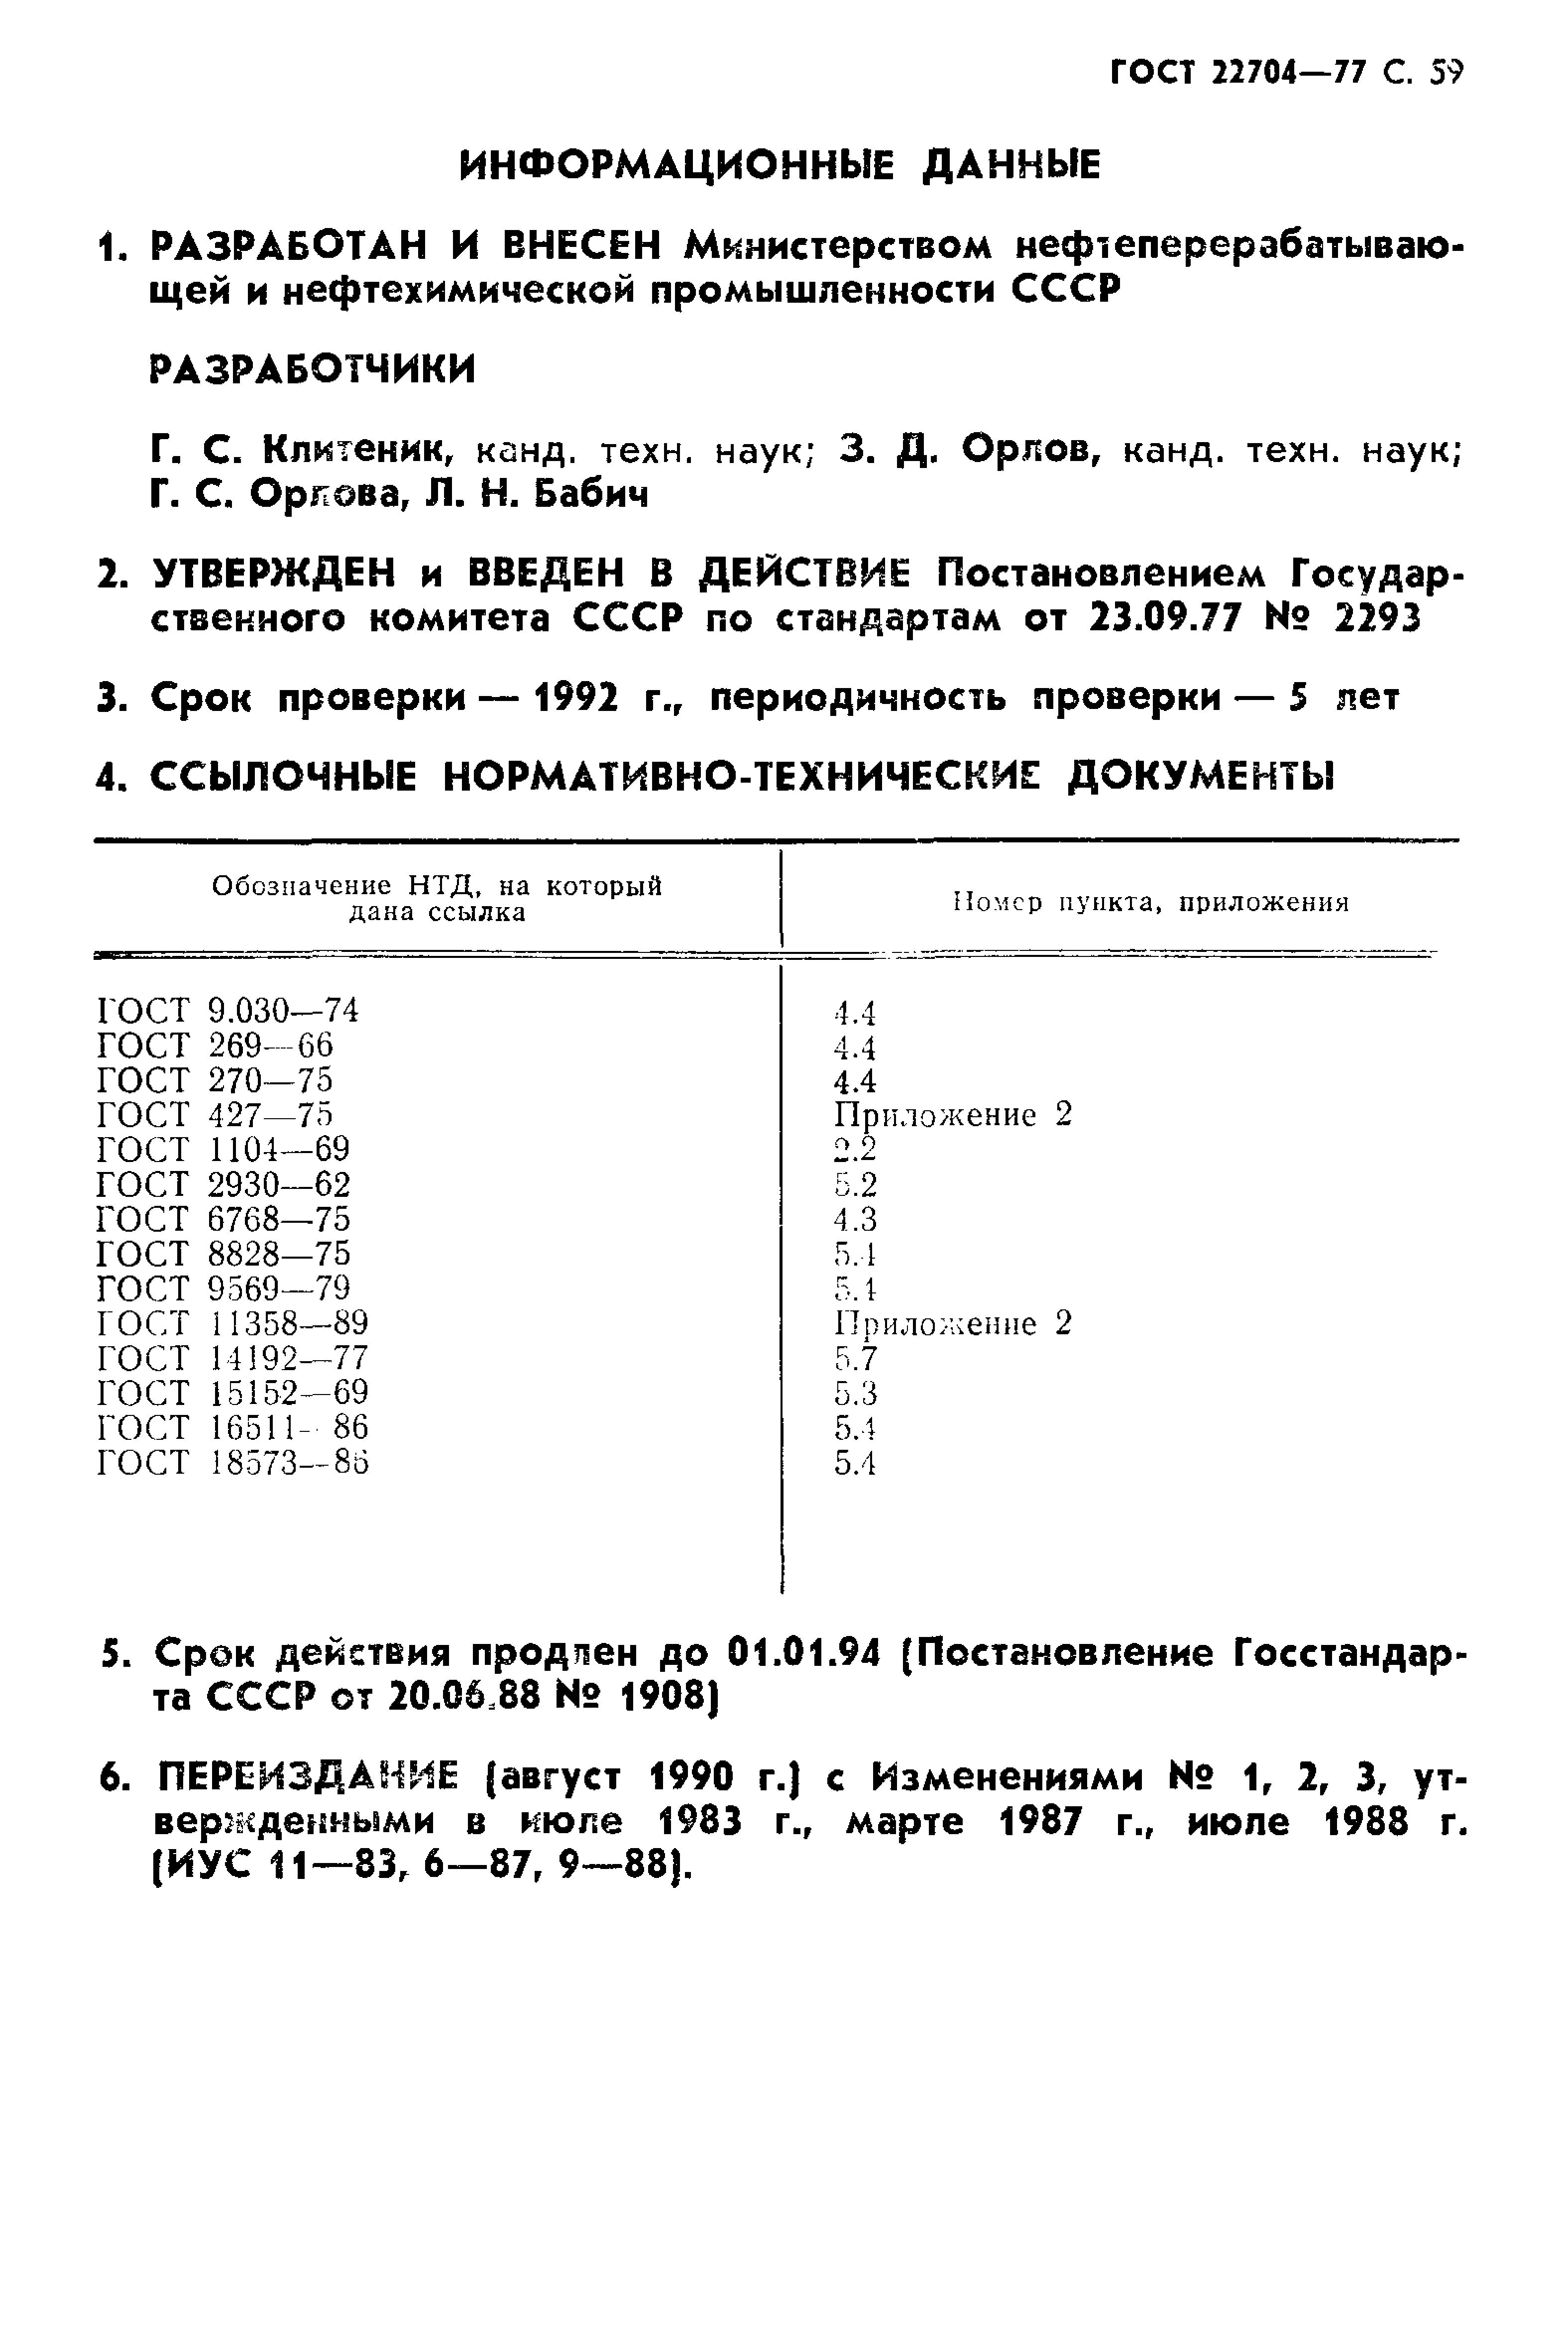 GOST_22704-77__60_.jpg